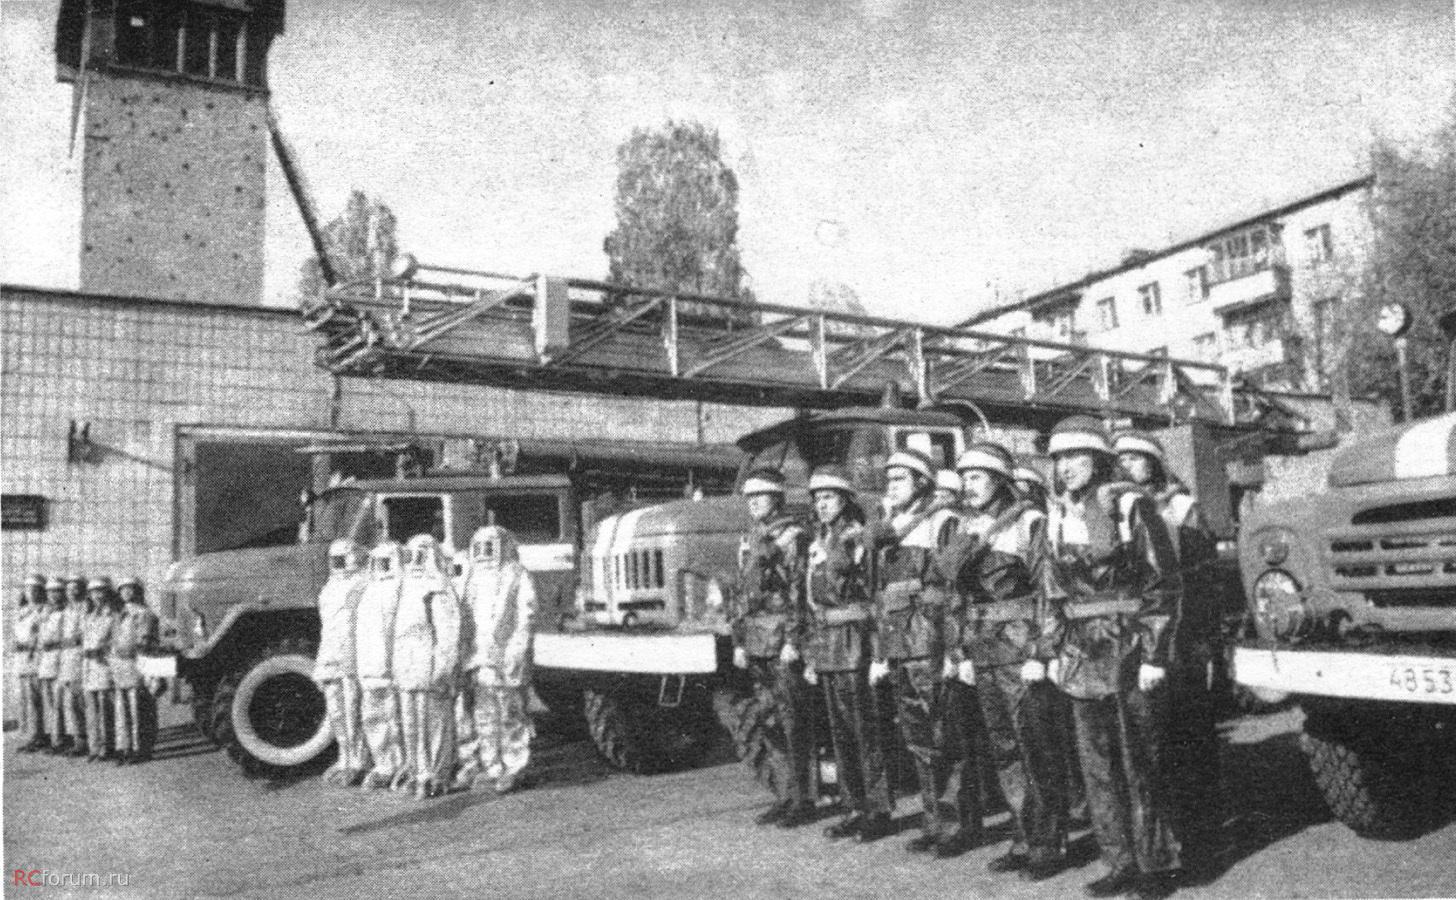 Ez nem a pripyati őrs, de jól látható a kétféle bevetési ruházat és az azbeszt anyagból készült hőálló ruházat is.